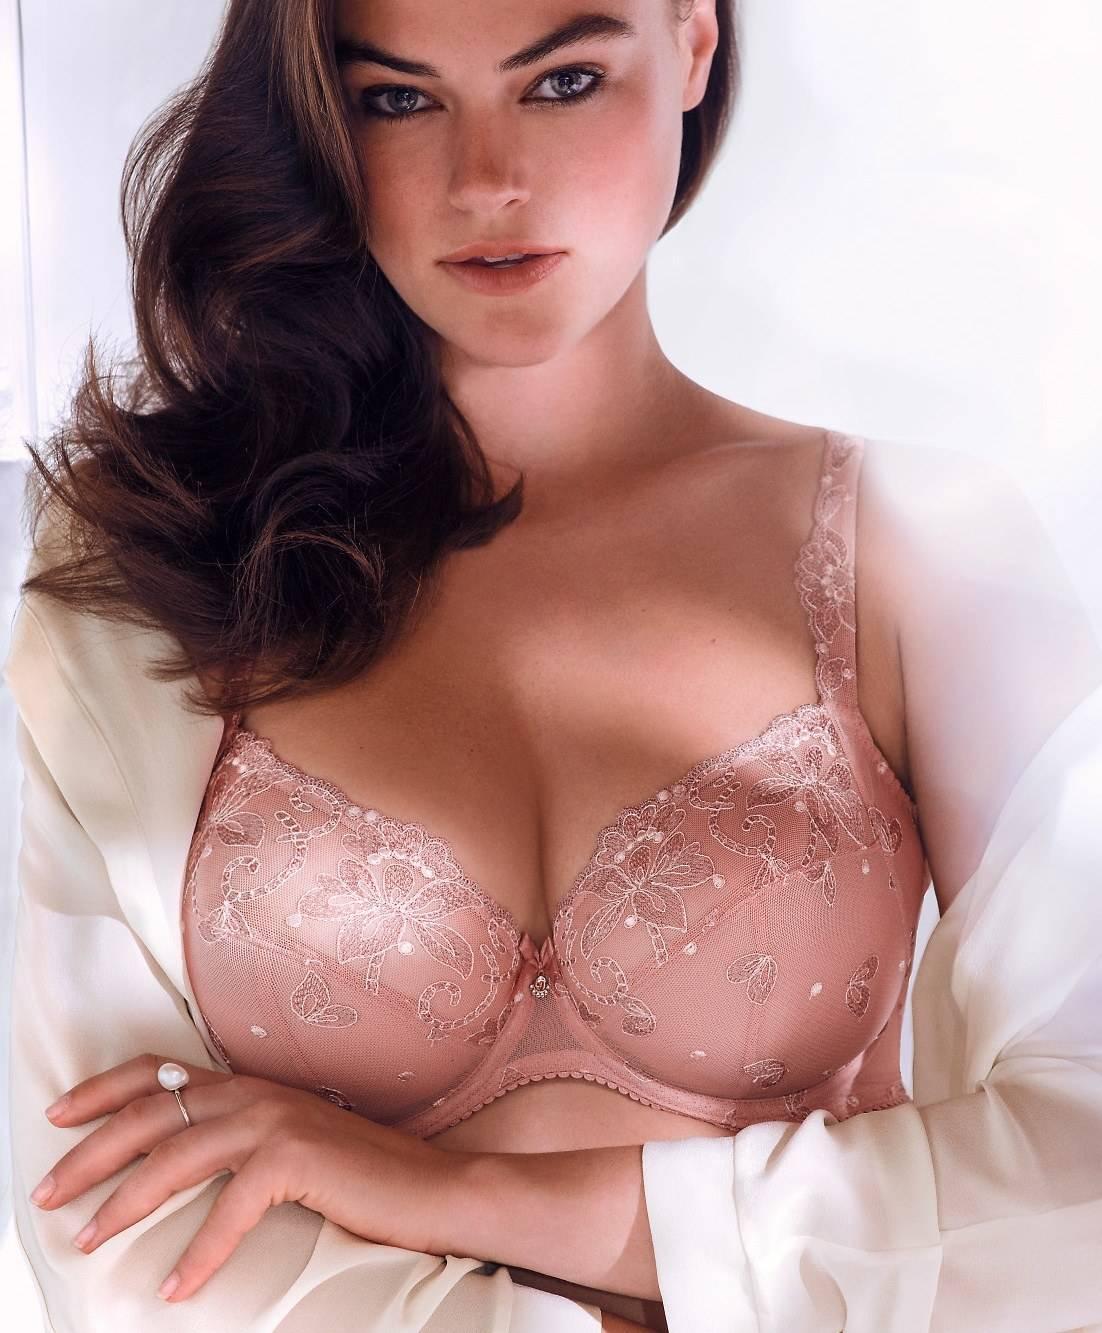 Женщина с большой грудью примеряет нижнее белье фото 347-16